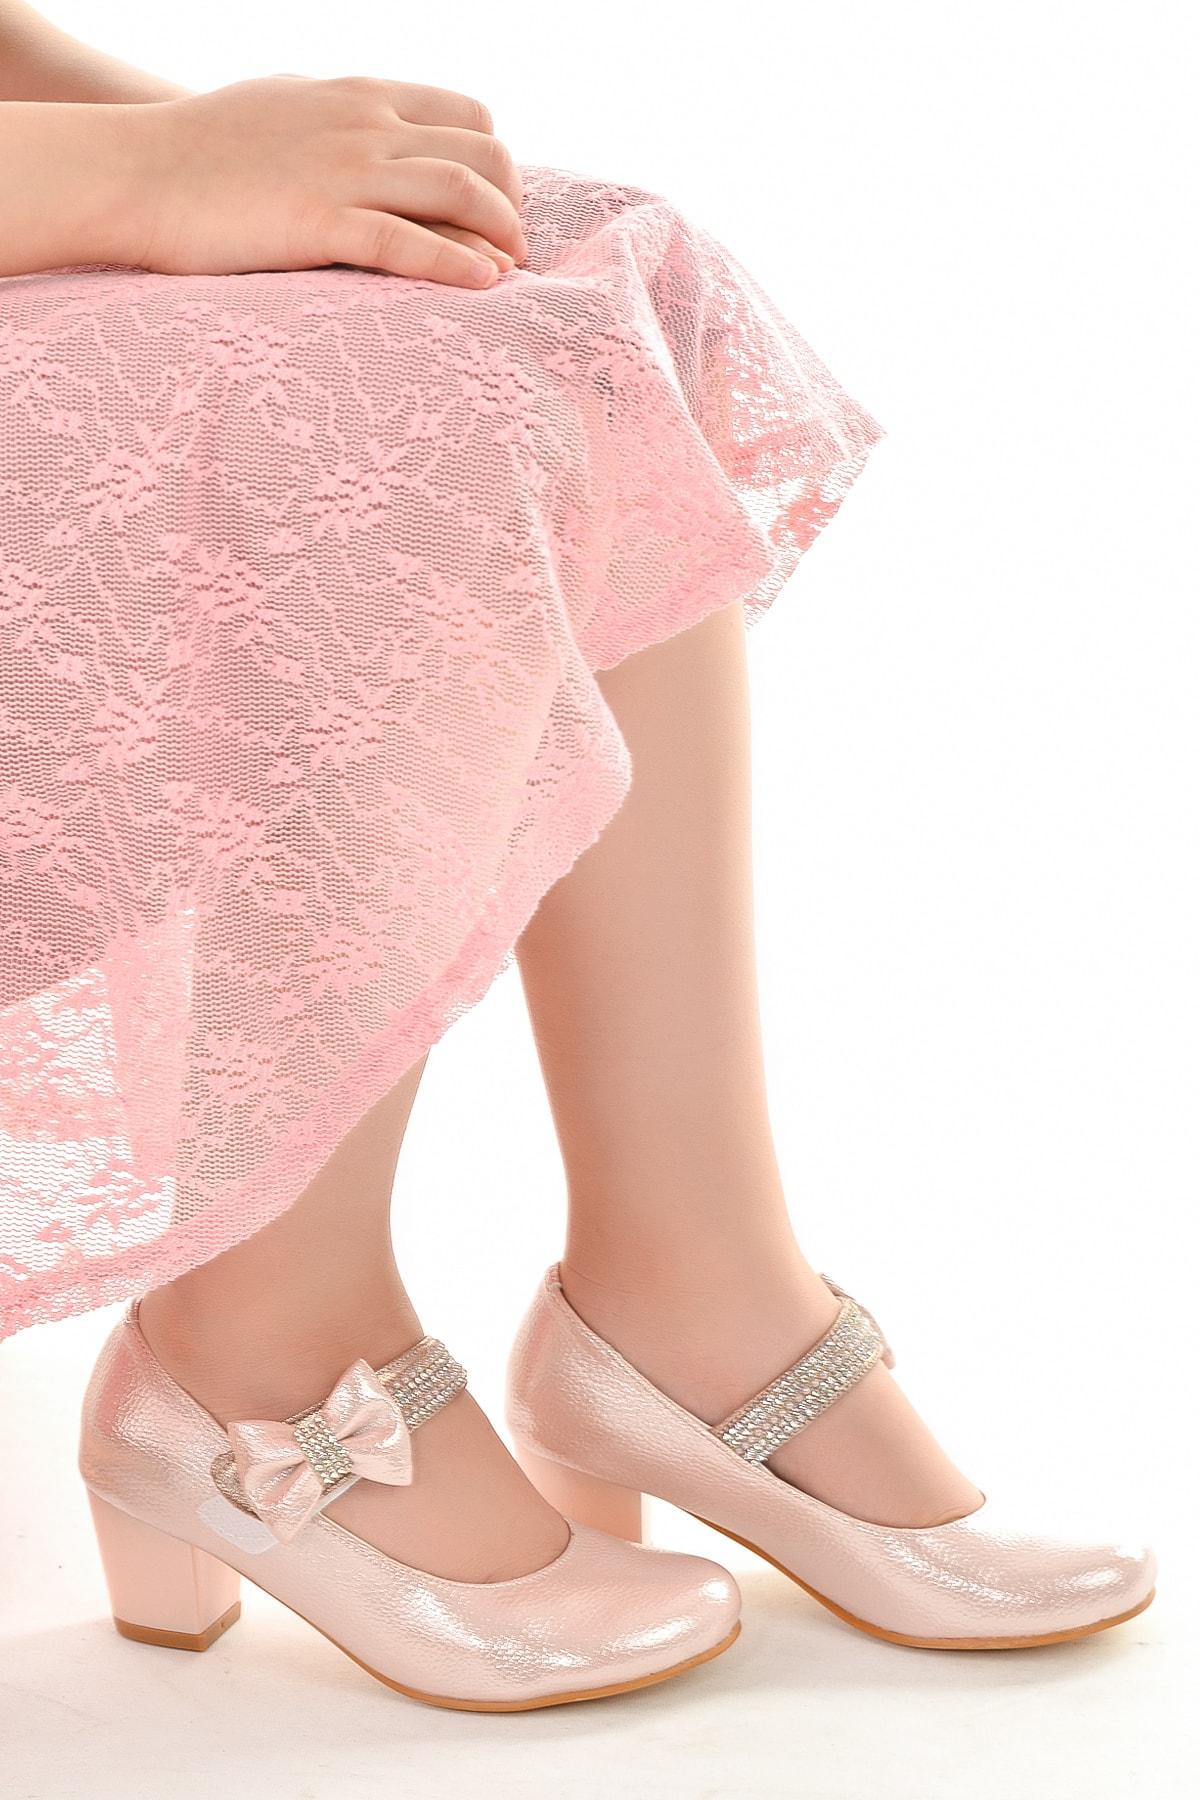 Kiko 752 Günlük Kız Çocuk 4 cm Topuk Babet Ayakkabı